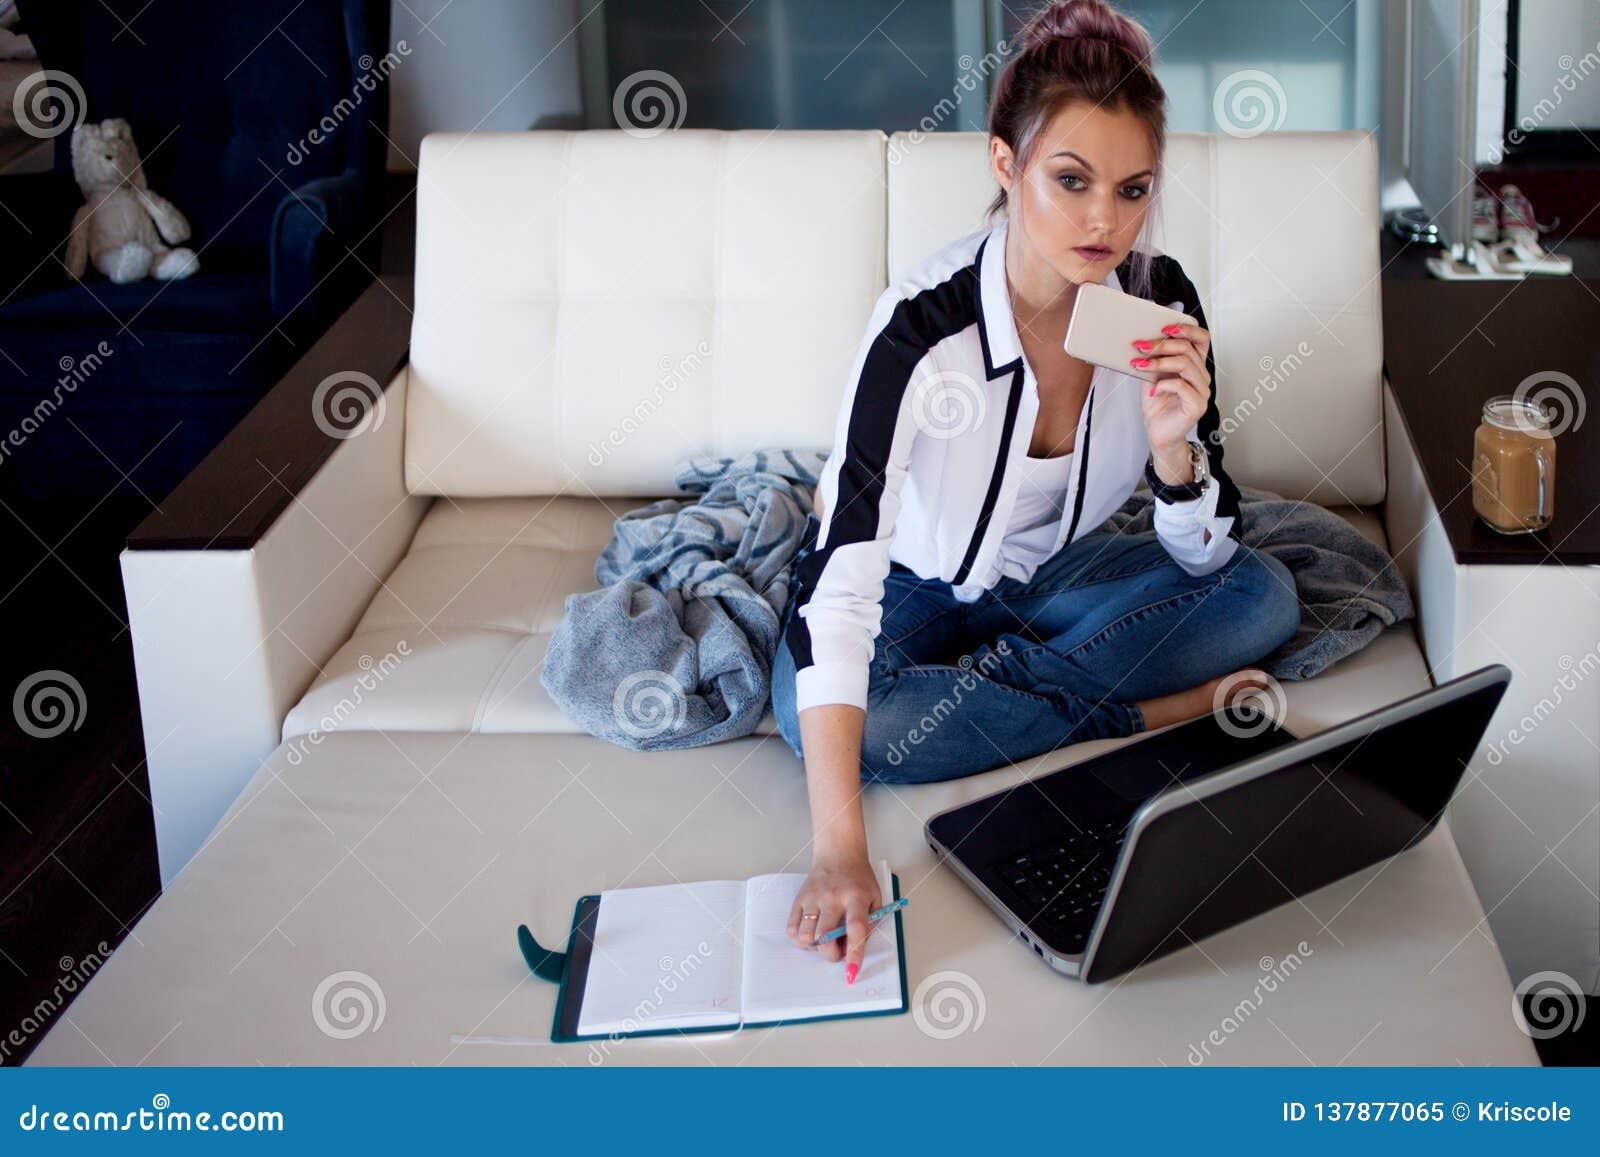 Работа на дому для молодых девушек работа с 3d моделями в unity